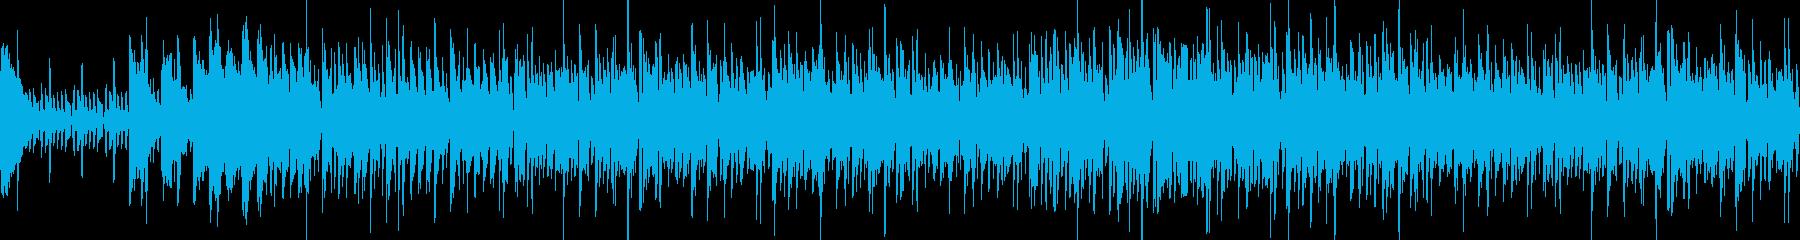 ゲーム向きエレクトロ系の緊張感のあるOPの再生済みの波形